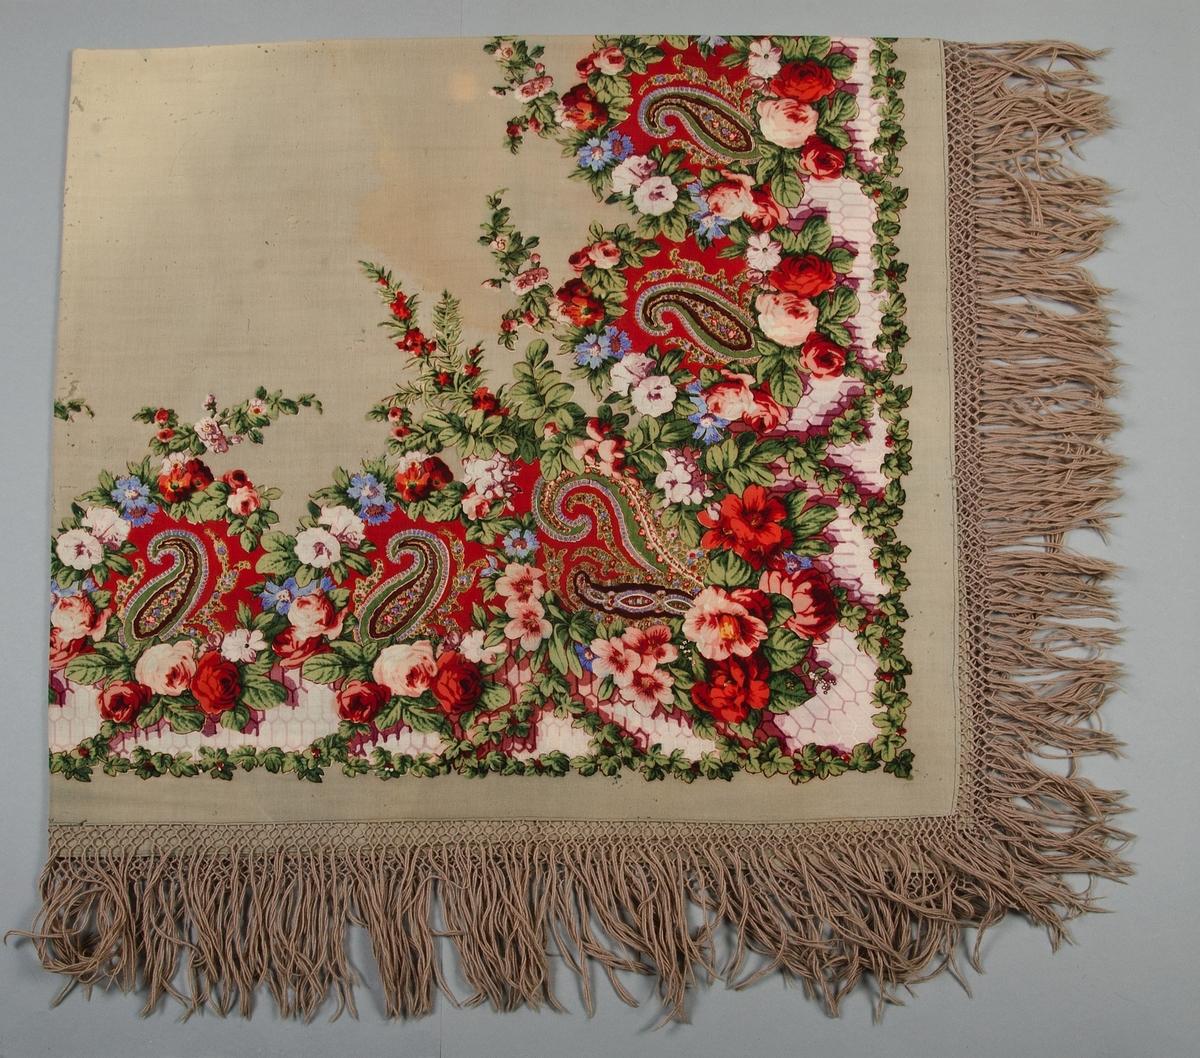 Schal av tunt ylle med tryckt mönster, ljusgrå botten med mönster i rött, grönt, blått, vitt och violett. Iknuten gallerfrans i gråbeige ullgarn, längd 16 cm.